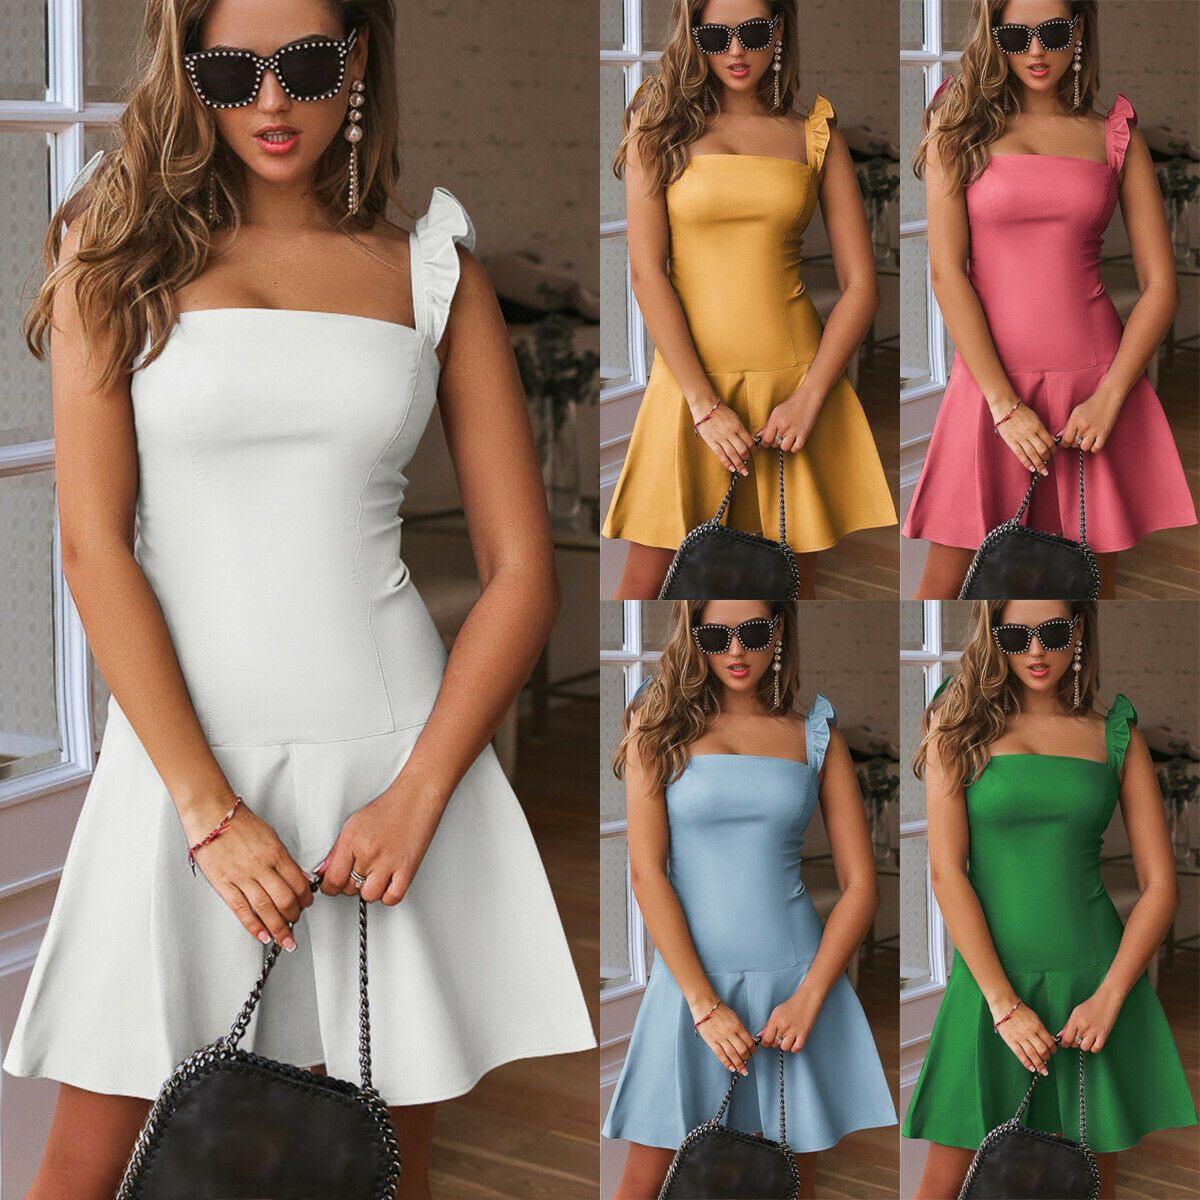 13 Fantastisch Mini Kleider Festlich Design15 Wunderbar Mini Kleider Festlich Stylish